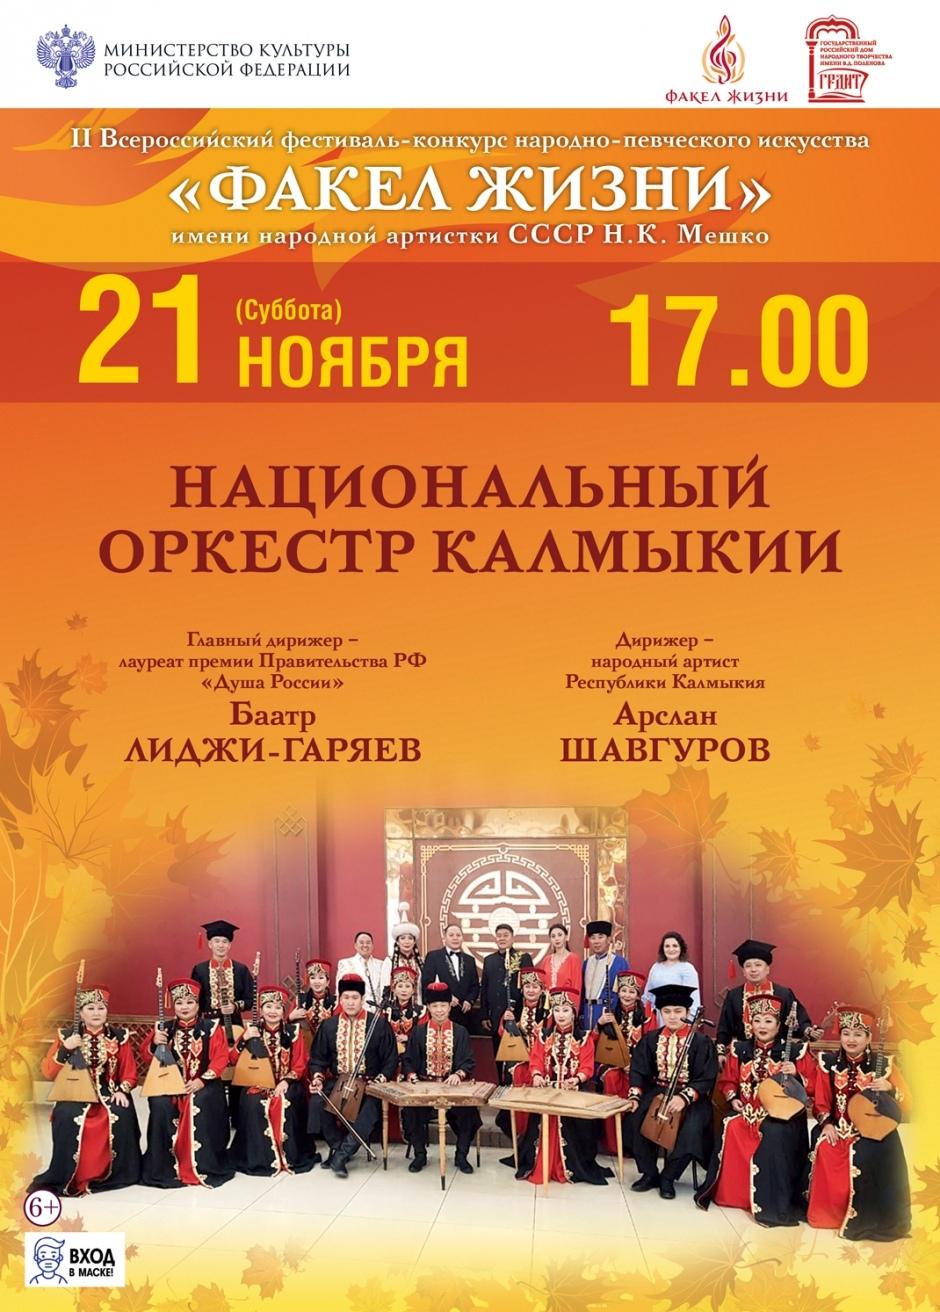 В Твери пройдет II Всероссийский фестиваль народно-певческого искусства «Факел жизни»